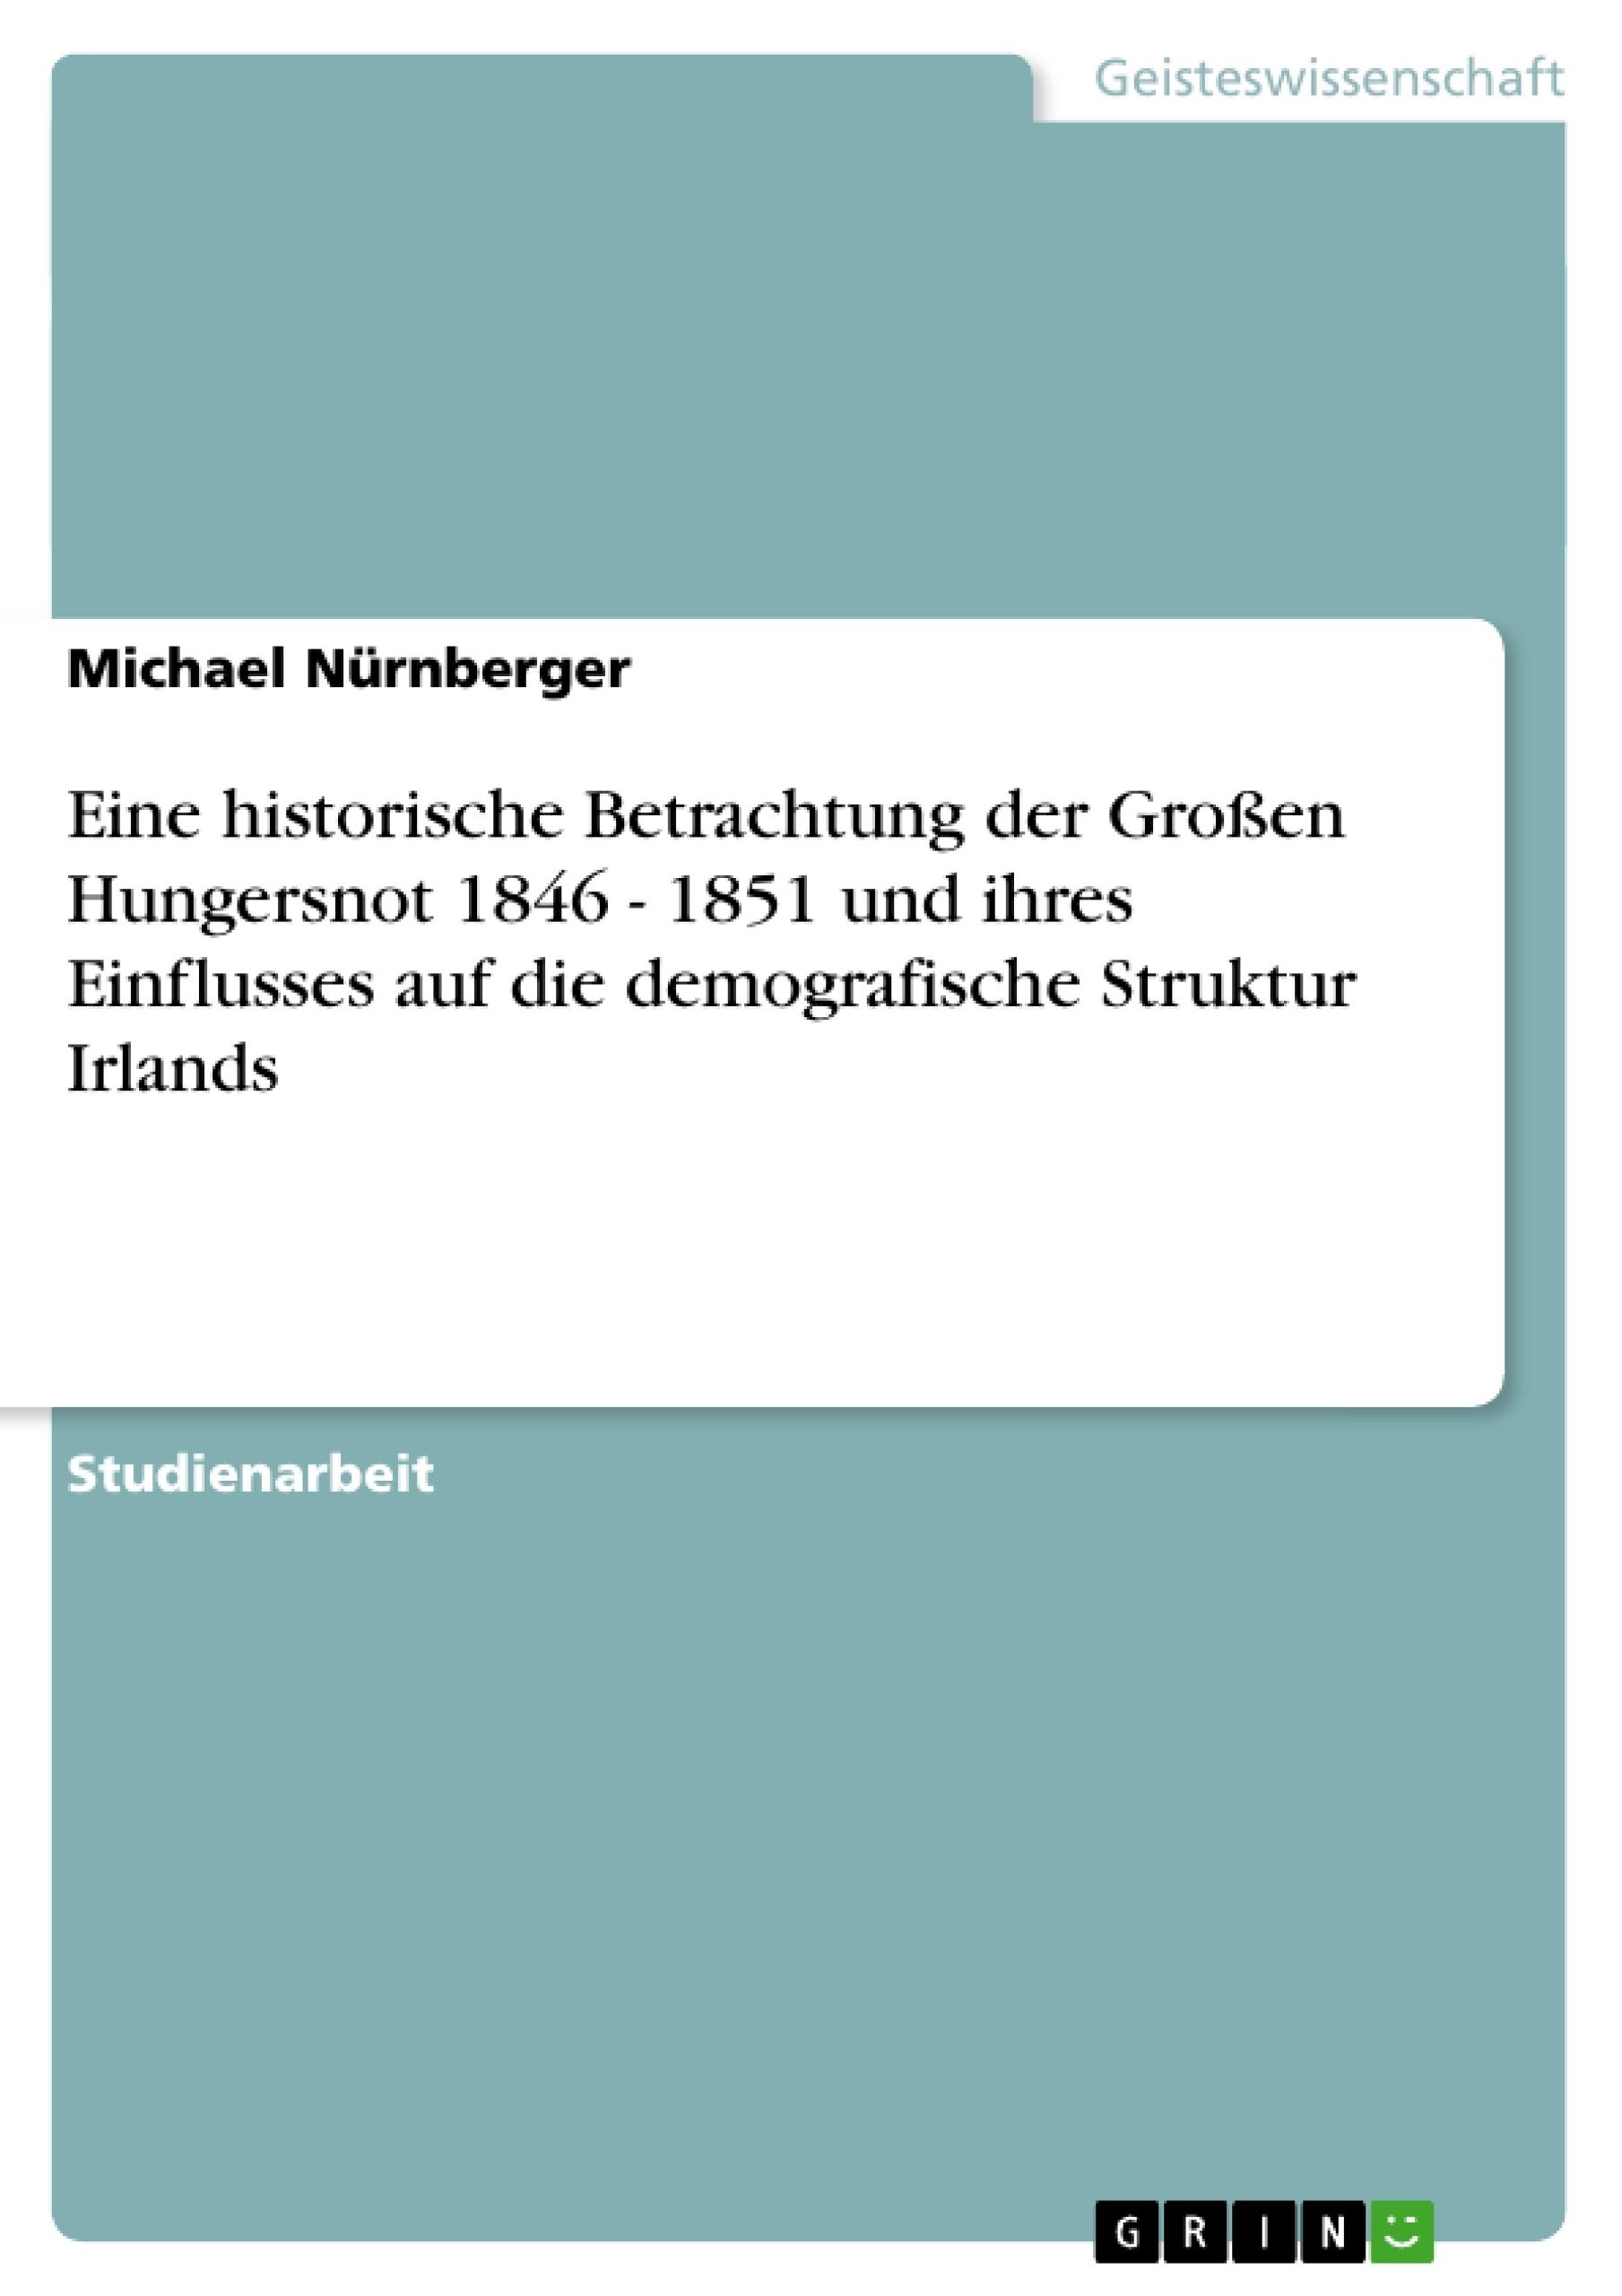 Titel: Eine historische Betrachtung der Großen Hungersnot 1846 - 1851 und ihres Einflusses auf die demografische Struktur Irlands